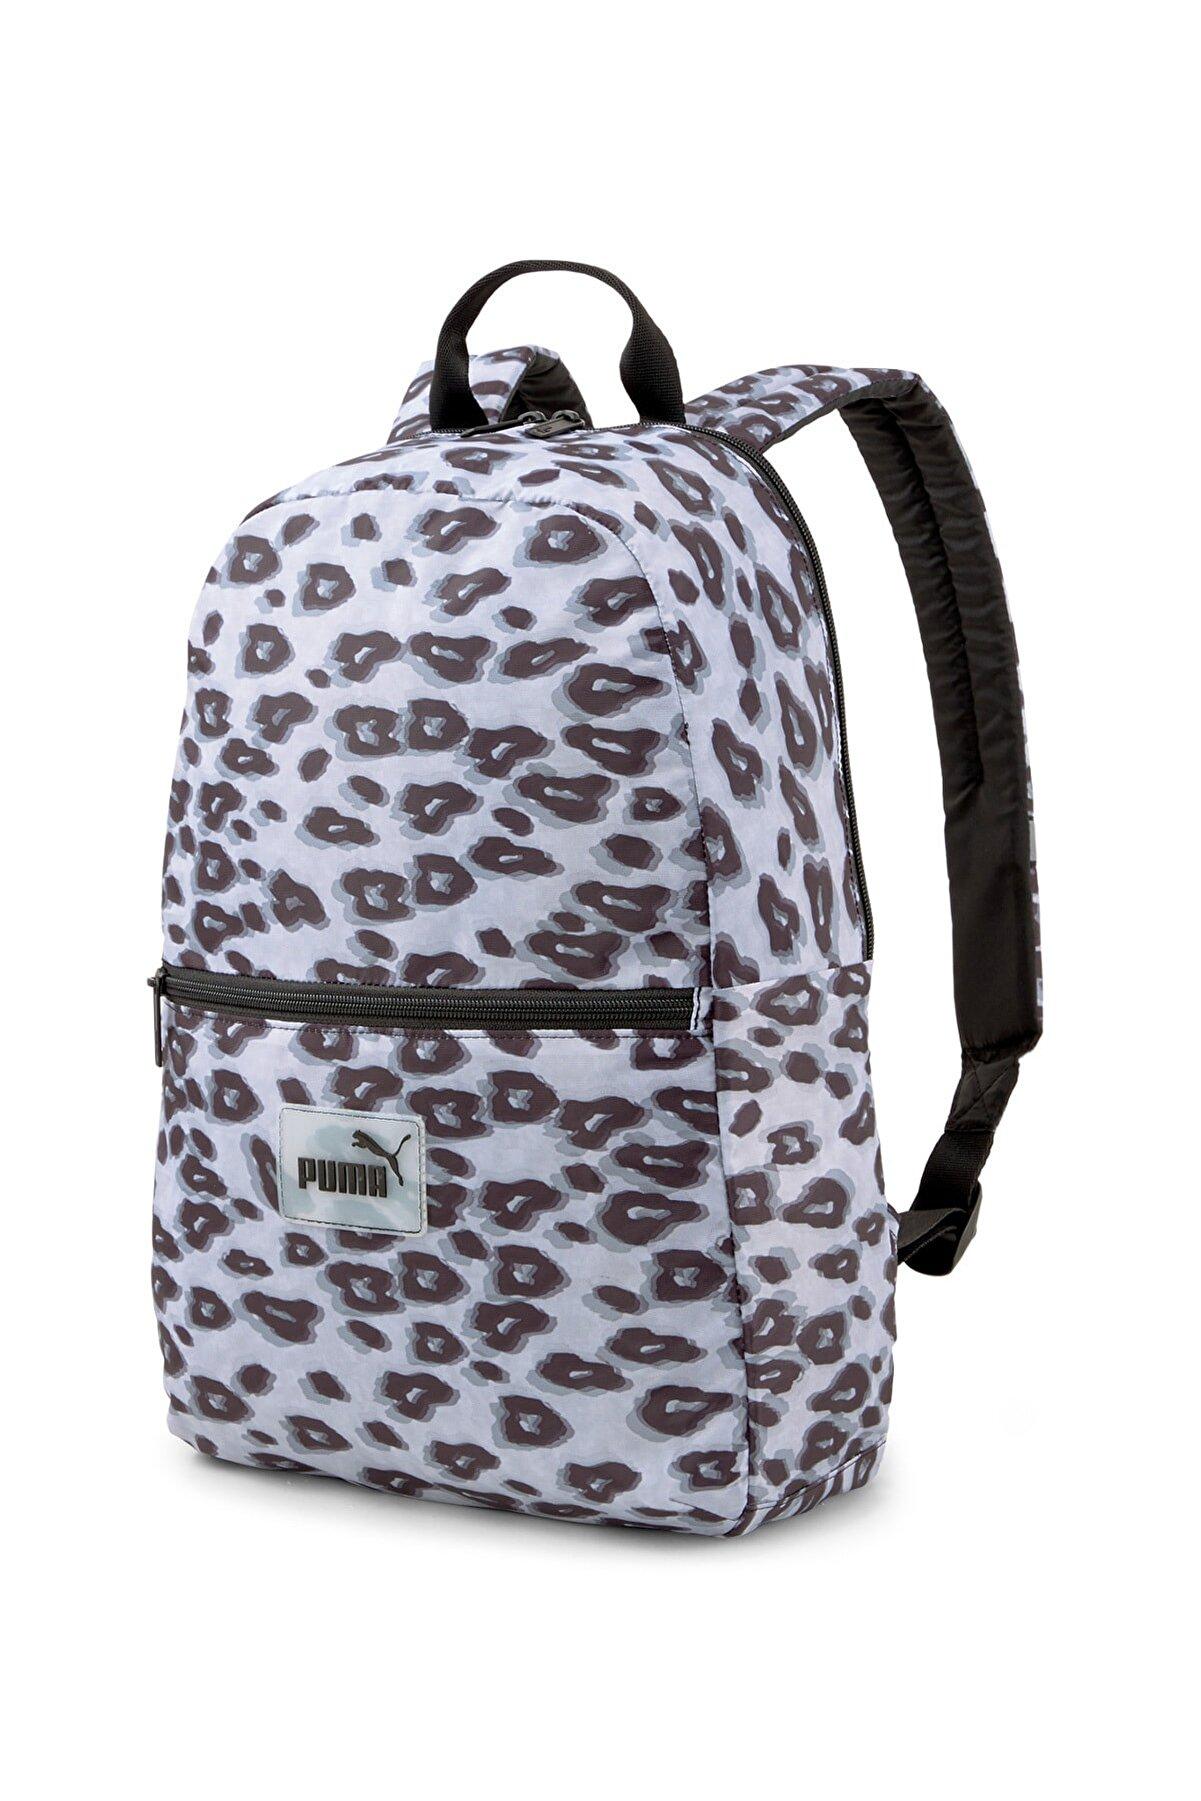 Puma Kadın Sırt Çantası - Core Pop Daypack - 07792702